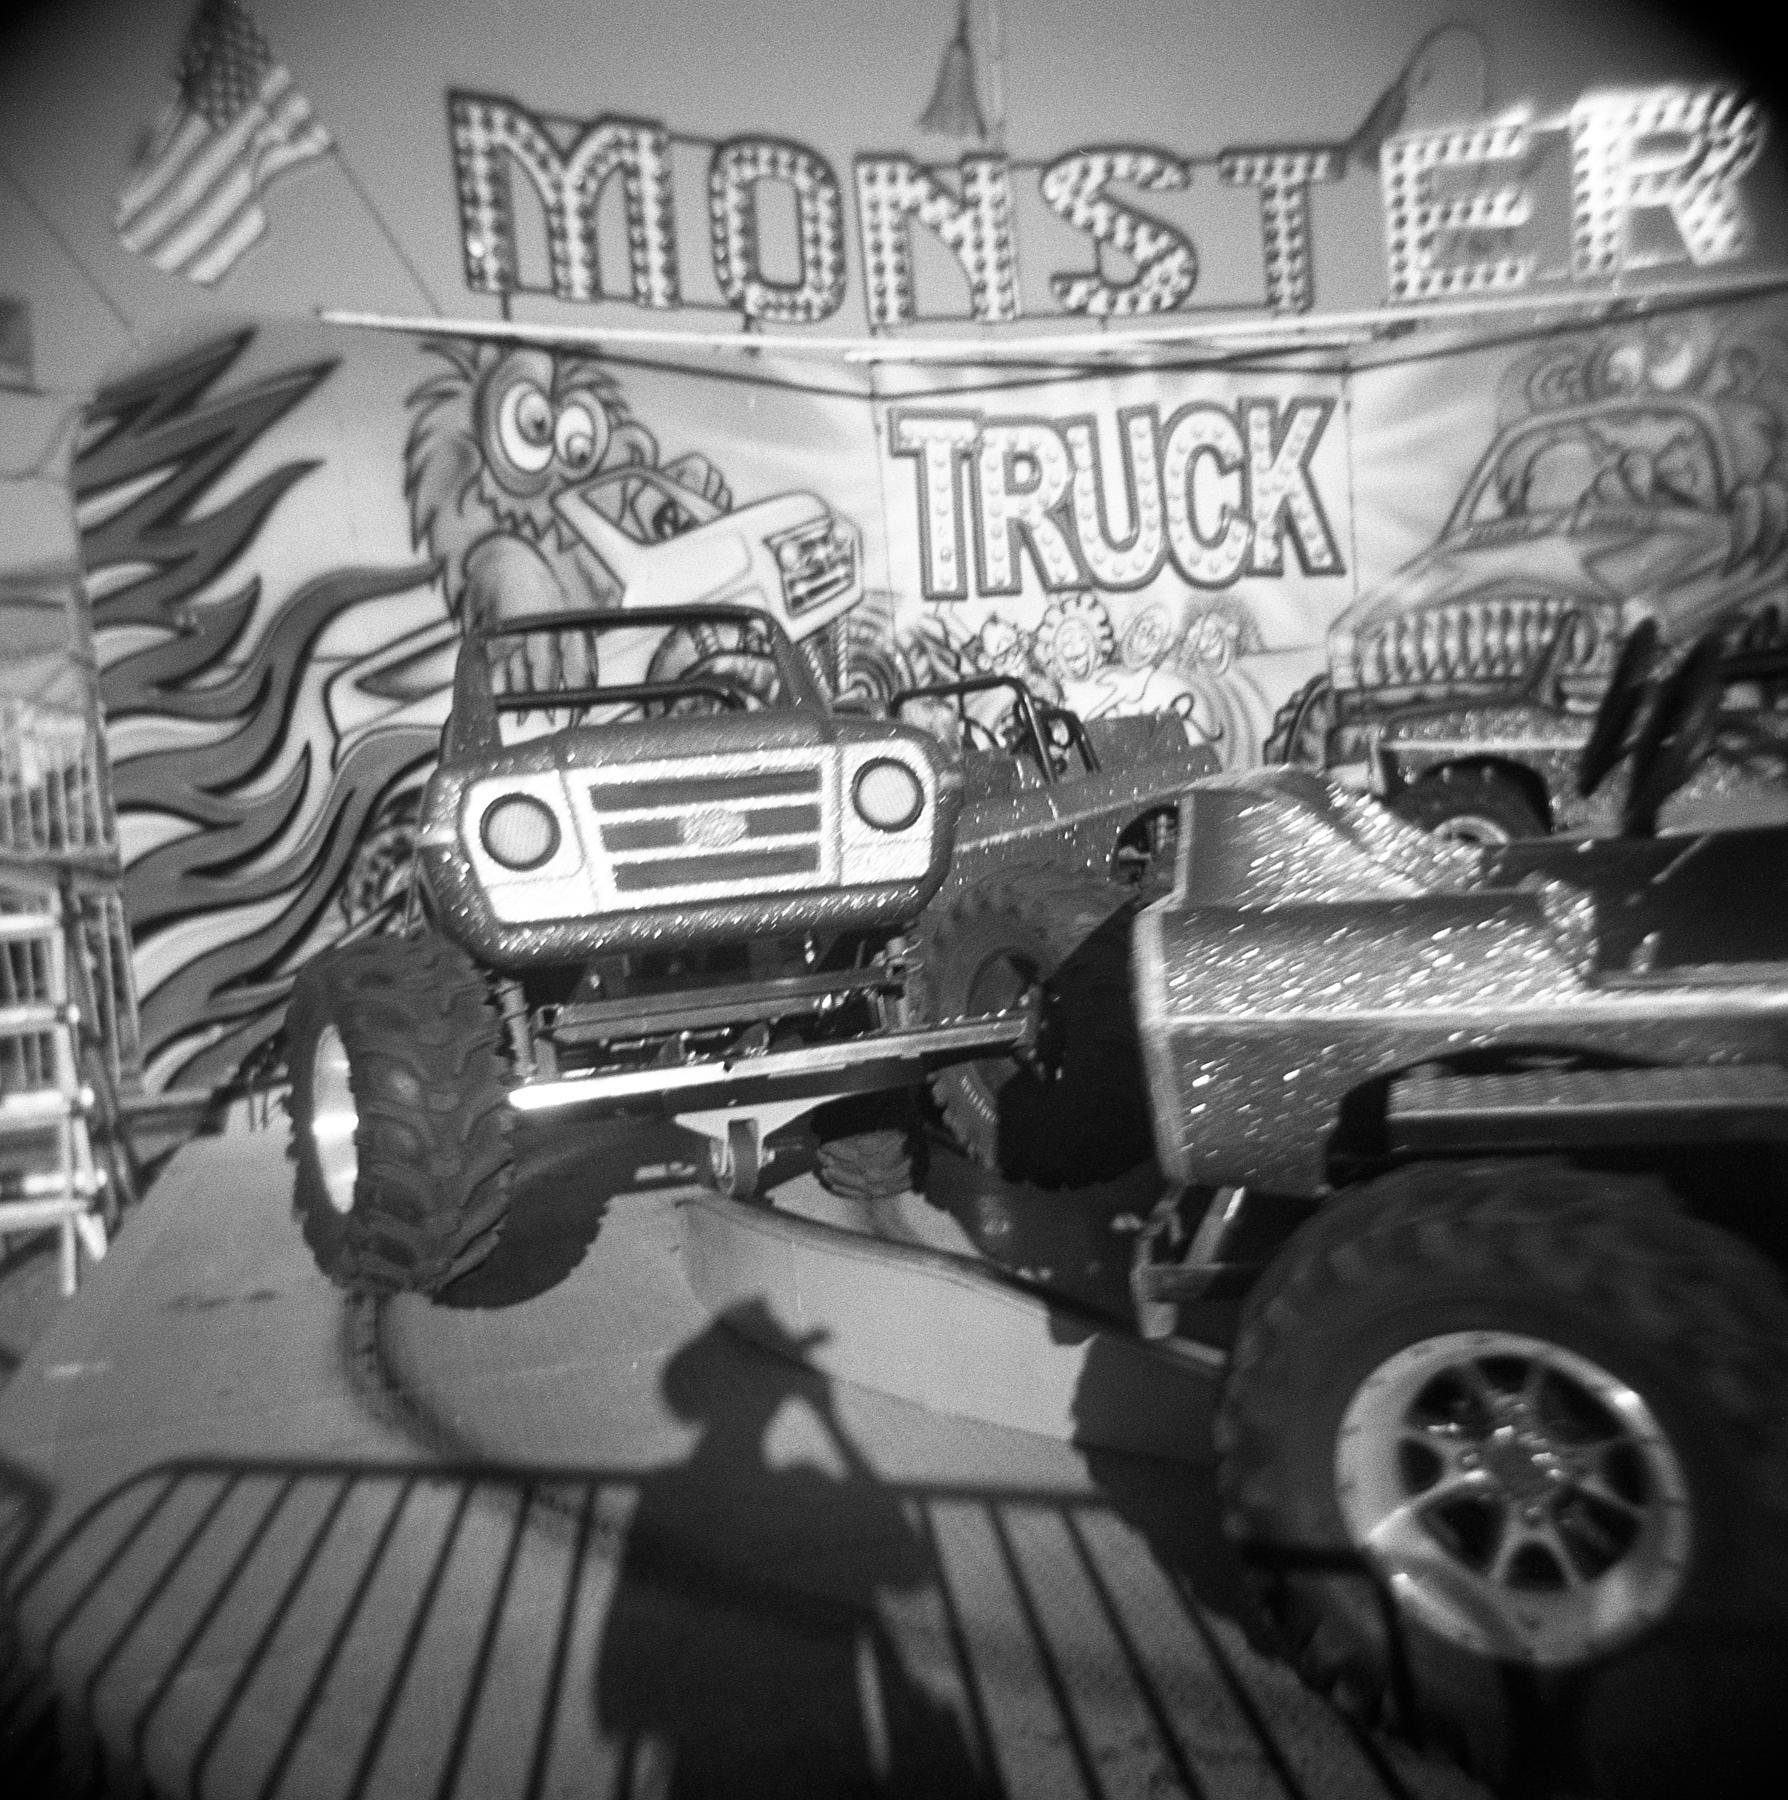 Monster truck | Holga 120n | Kodak Tri-X | Amy Jasek